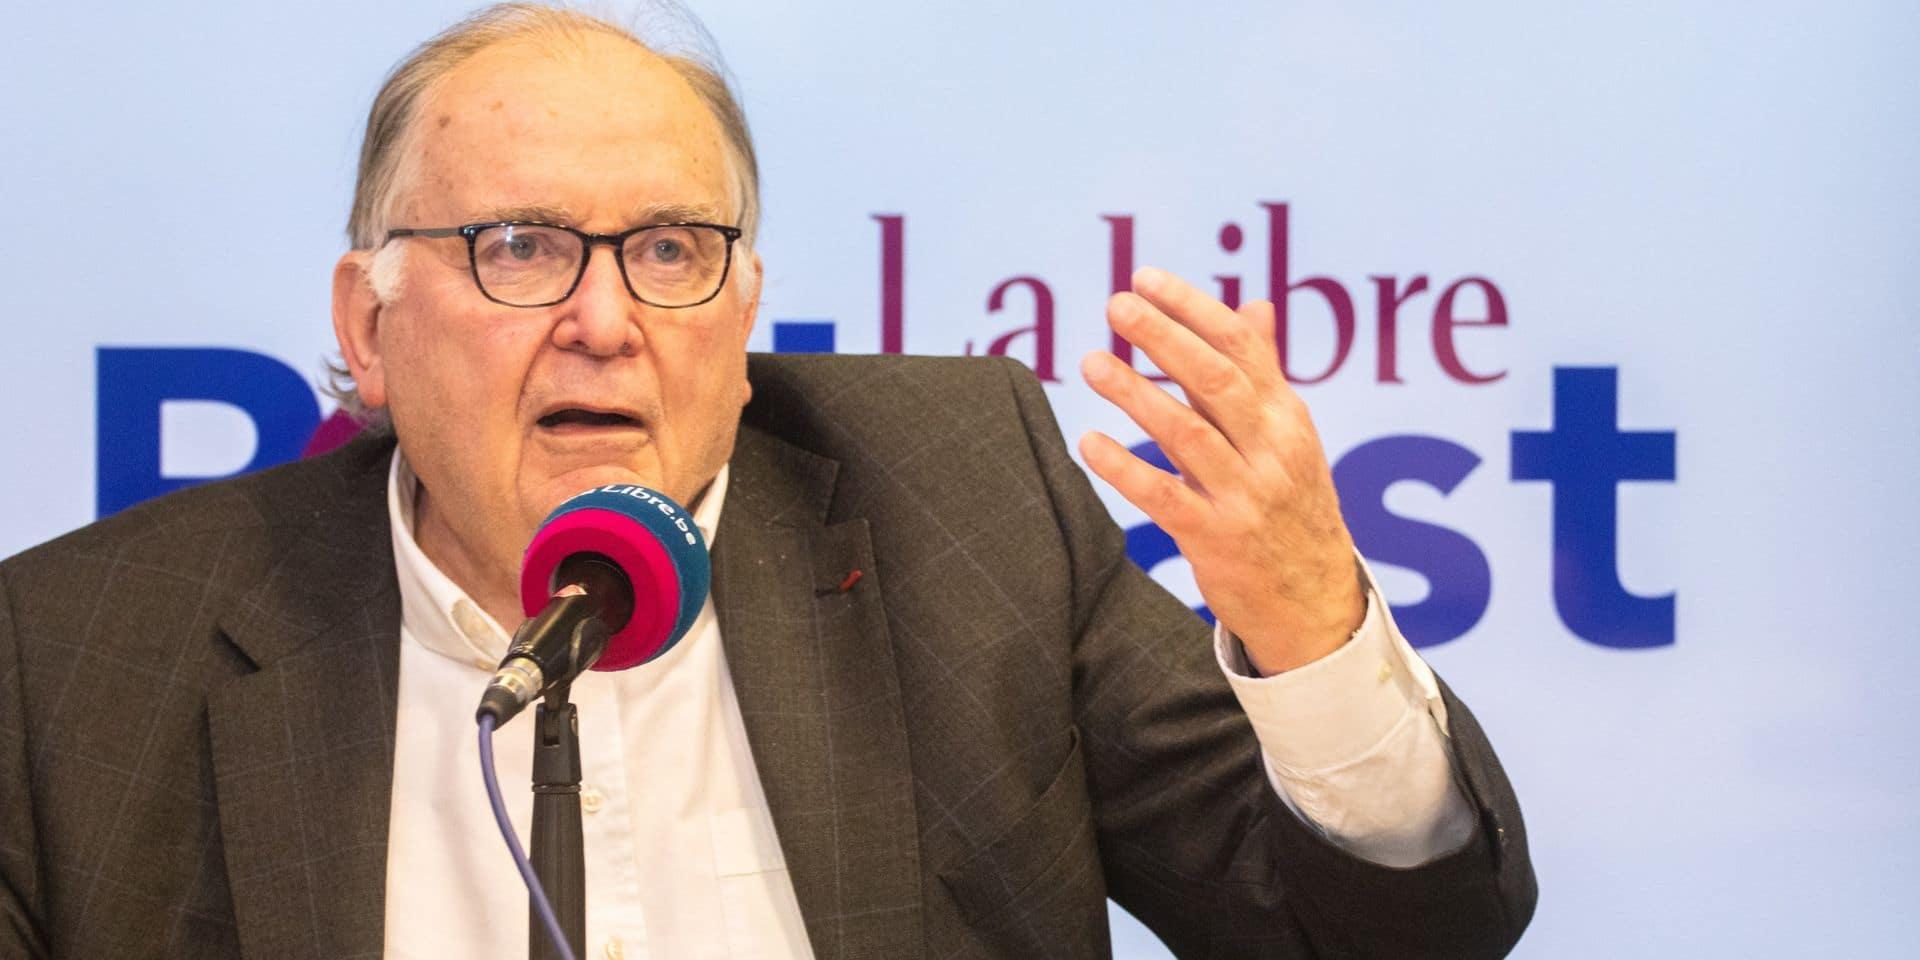 Franc-maçonnerie en Belgique: origine, philosophie, secret, fonctionnement et influence politique (Podcast 1/3)